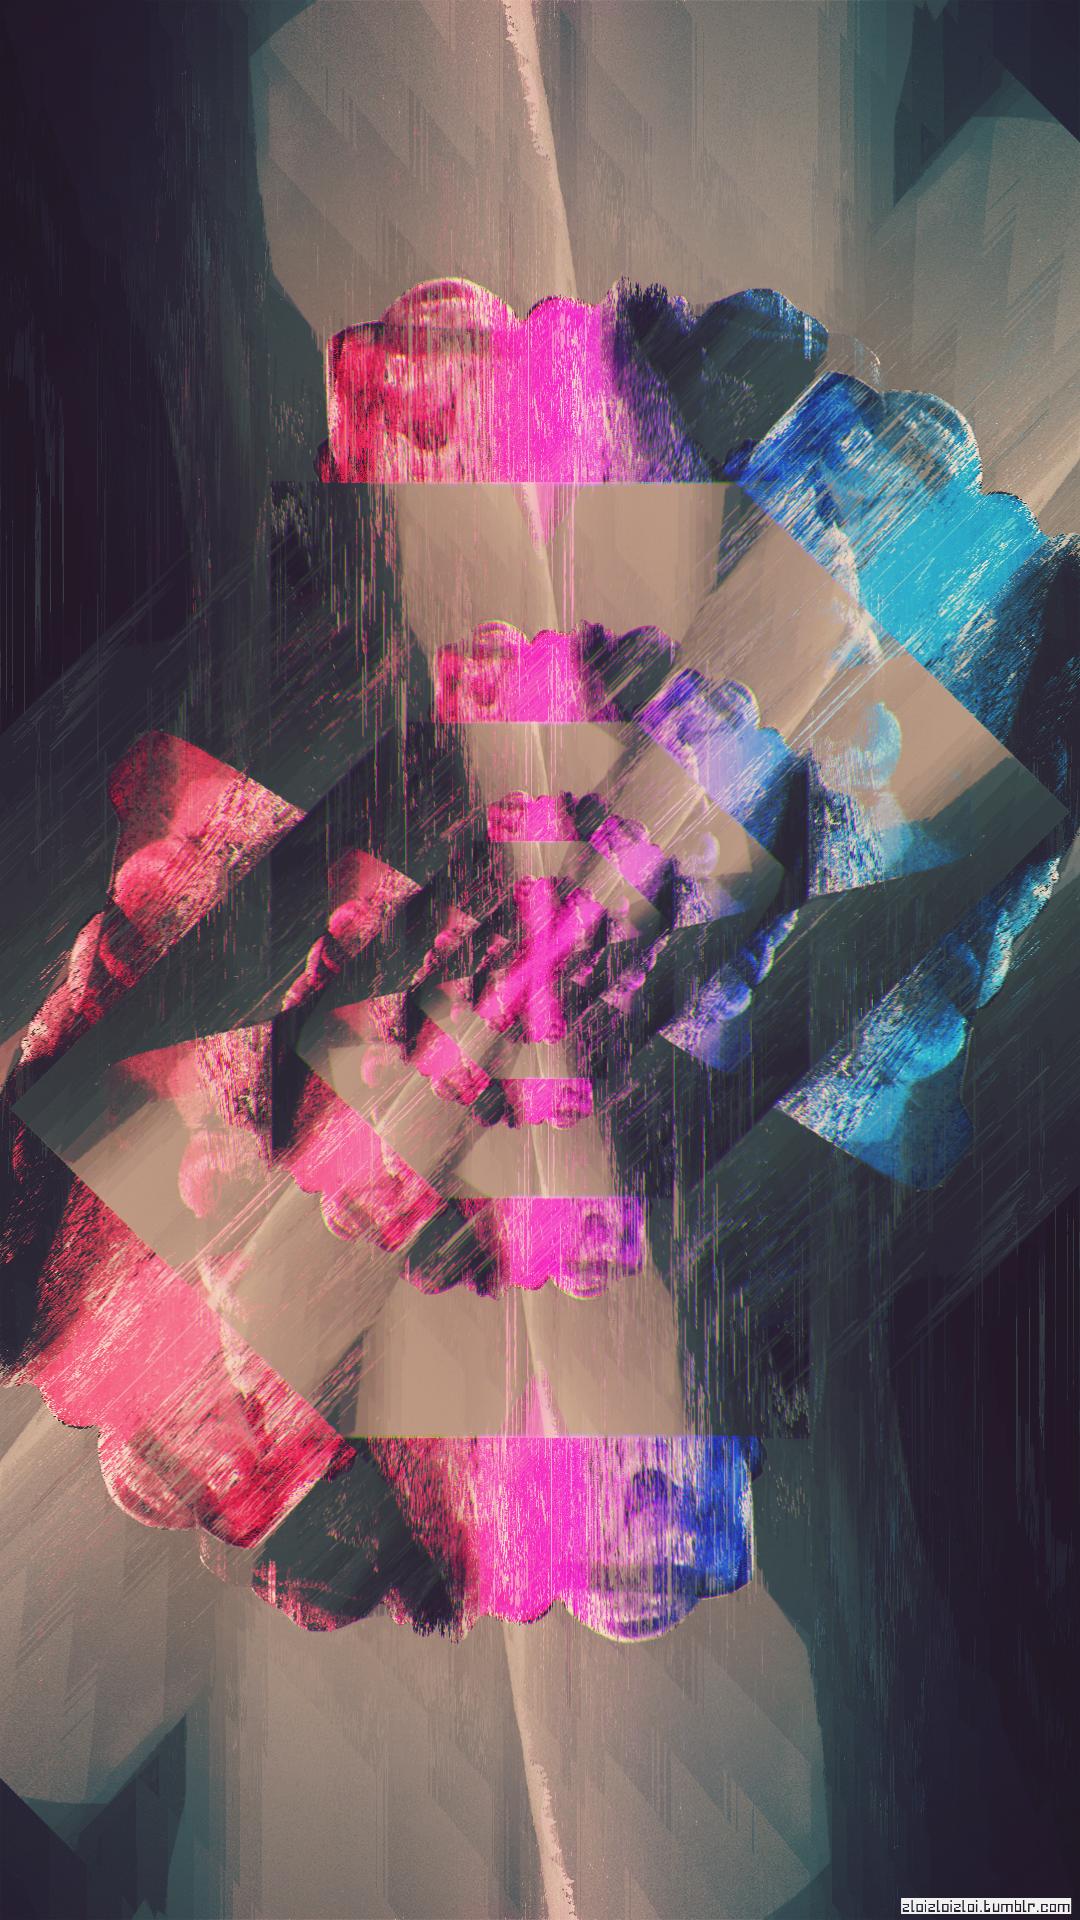 Unduh 880 Wallpaper Bunga Tumblr Hd Gambar Gratis